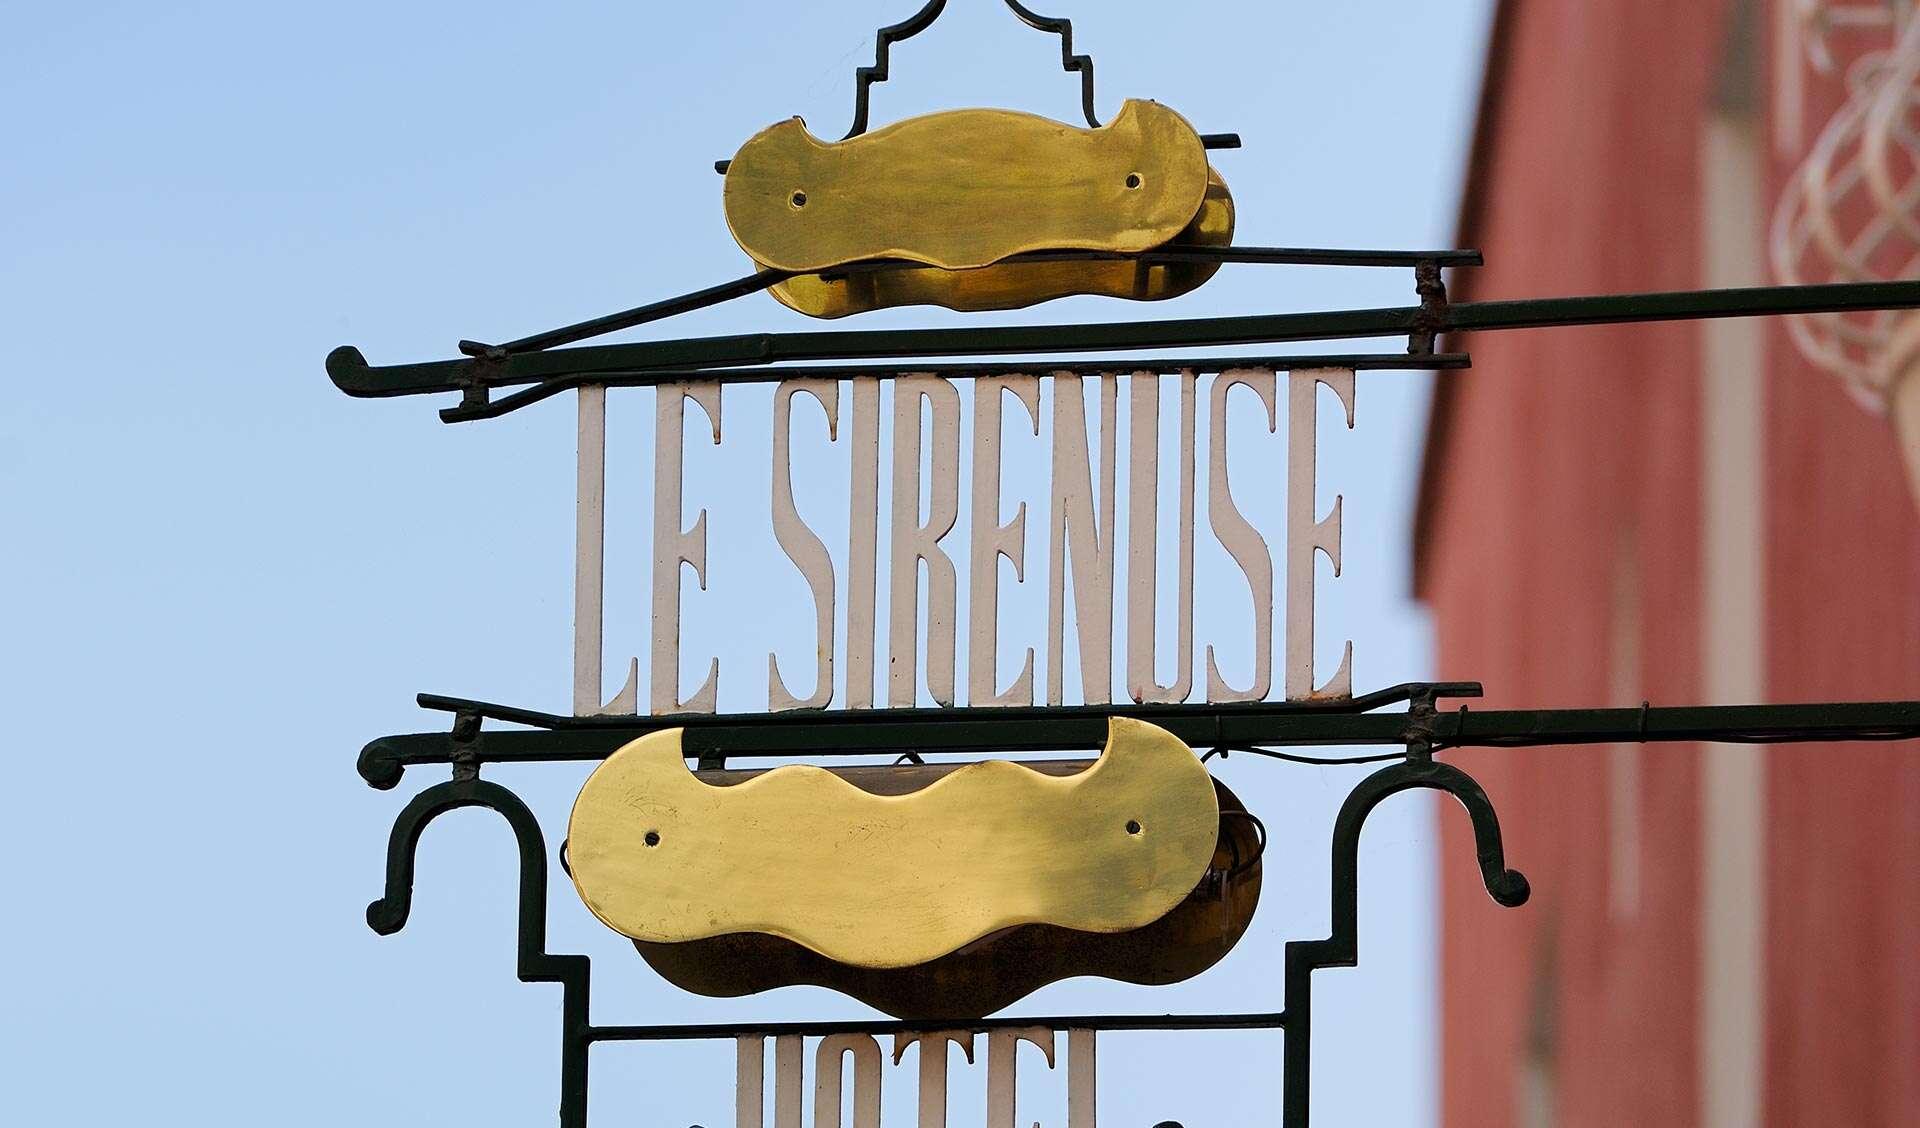 Le Sirenuse, Positano